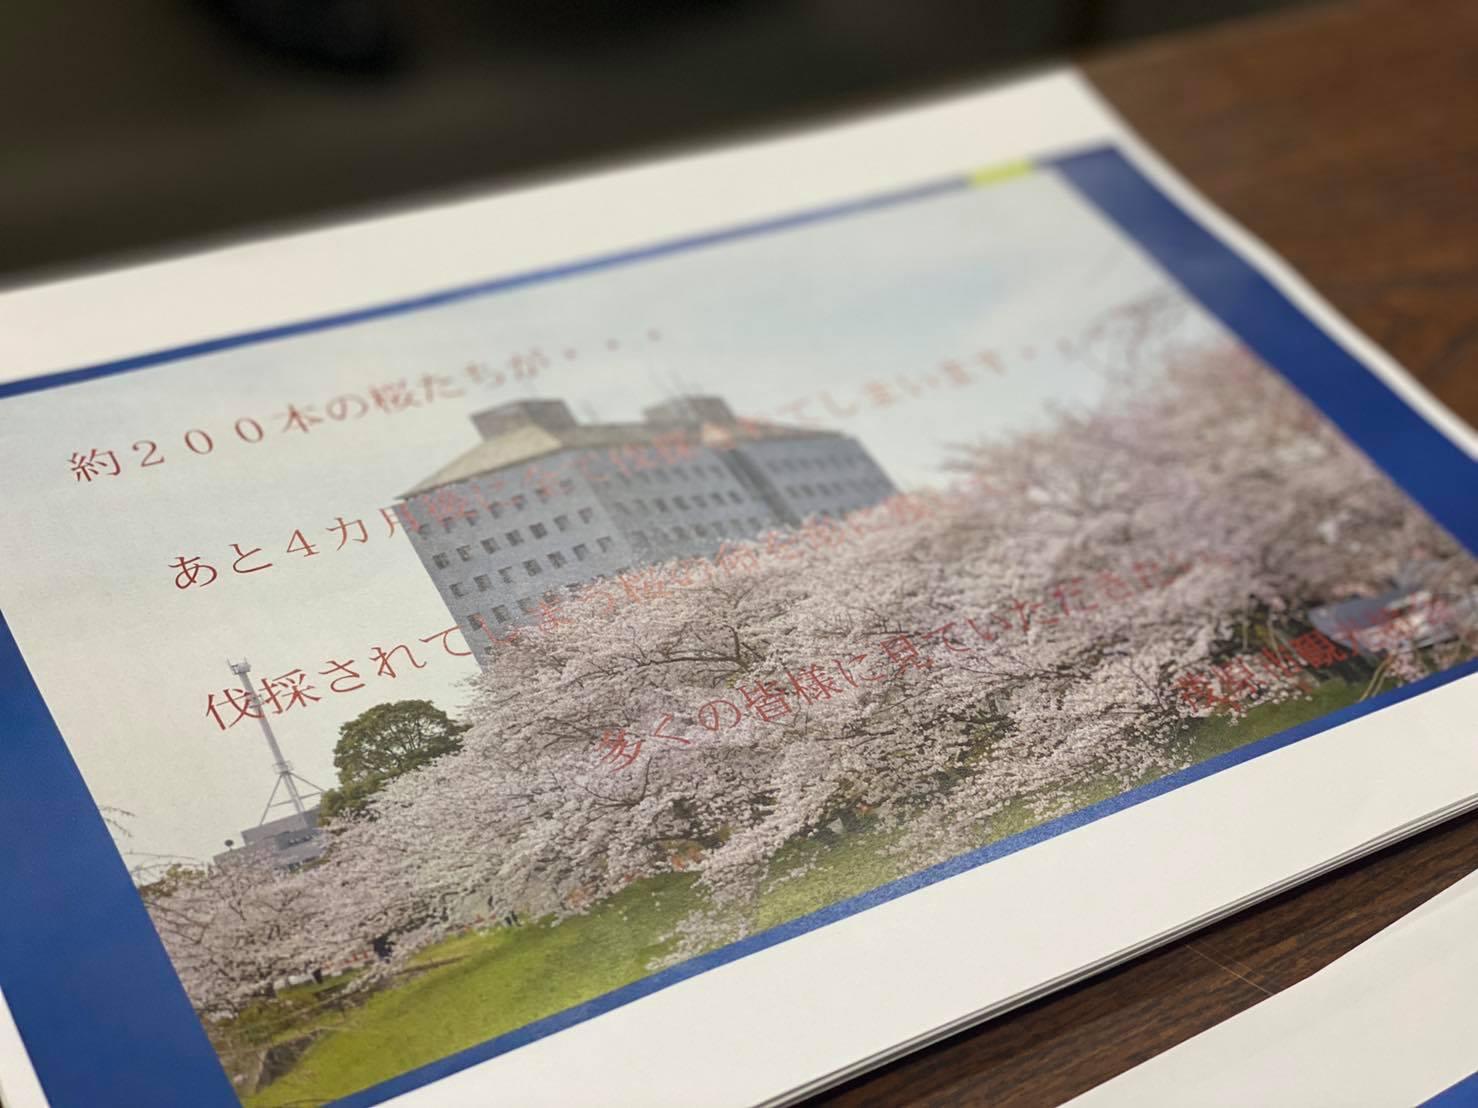 茂原桜プロジェクト表紙